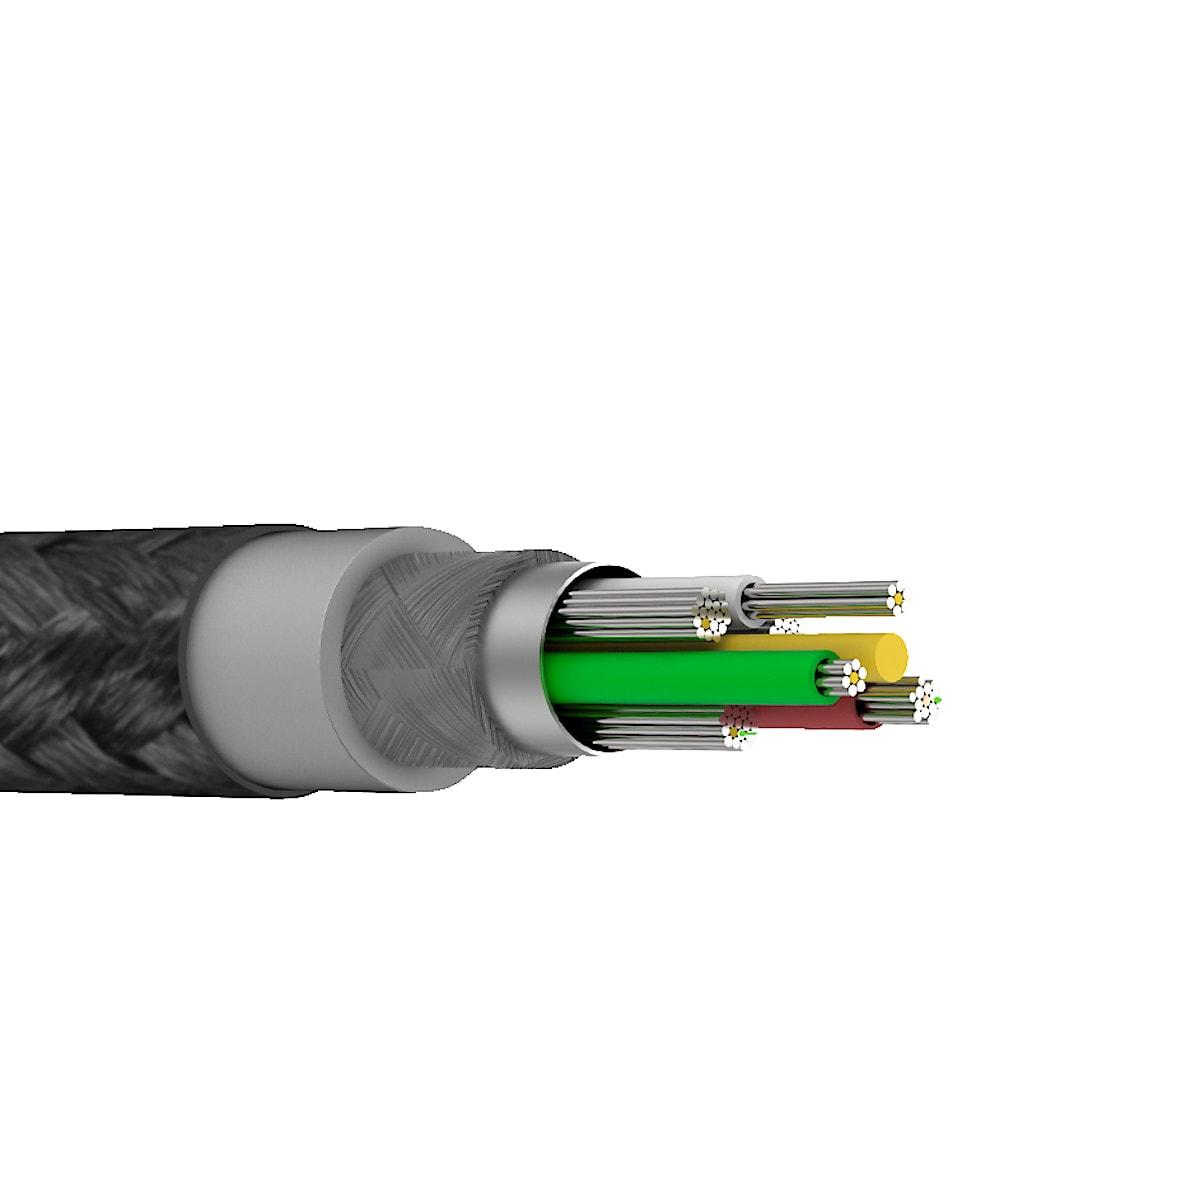 Ladekabel mit USB-C und Lightning-Anschluss, Belkin